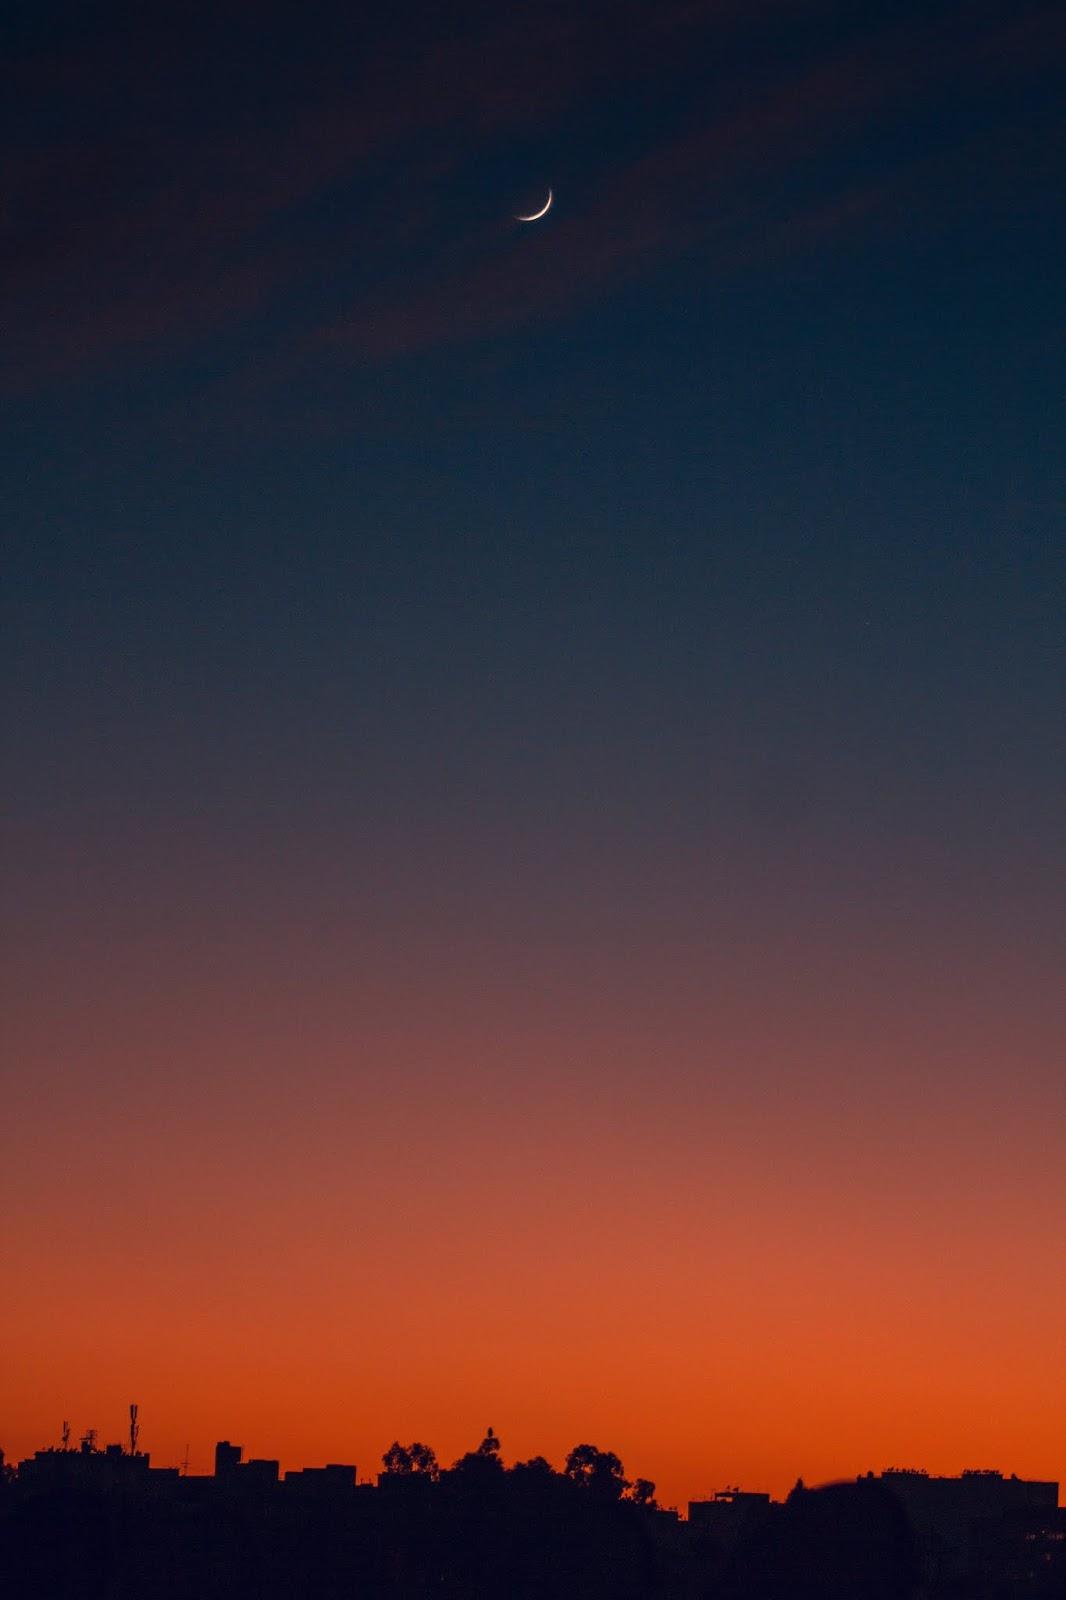 اذكار النوم,أذكار النوم,النوم,أذكار,الله,اذكار,اذكار المساء,قرآن,قران,أذكار الصباح,اذكار الصباح,الأذكار,دعاء,سورة,الكريم,مشاري العفاسي,ماهر المعيقلي,الشيخ,اسلام,تعليم,القران كامل,مسلم,الاسلام,اذكار الليل,رائعة,تلاوة,الملك,رمضان,دعاء النوم,ارق النوم